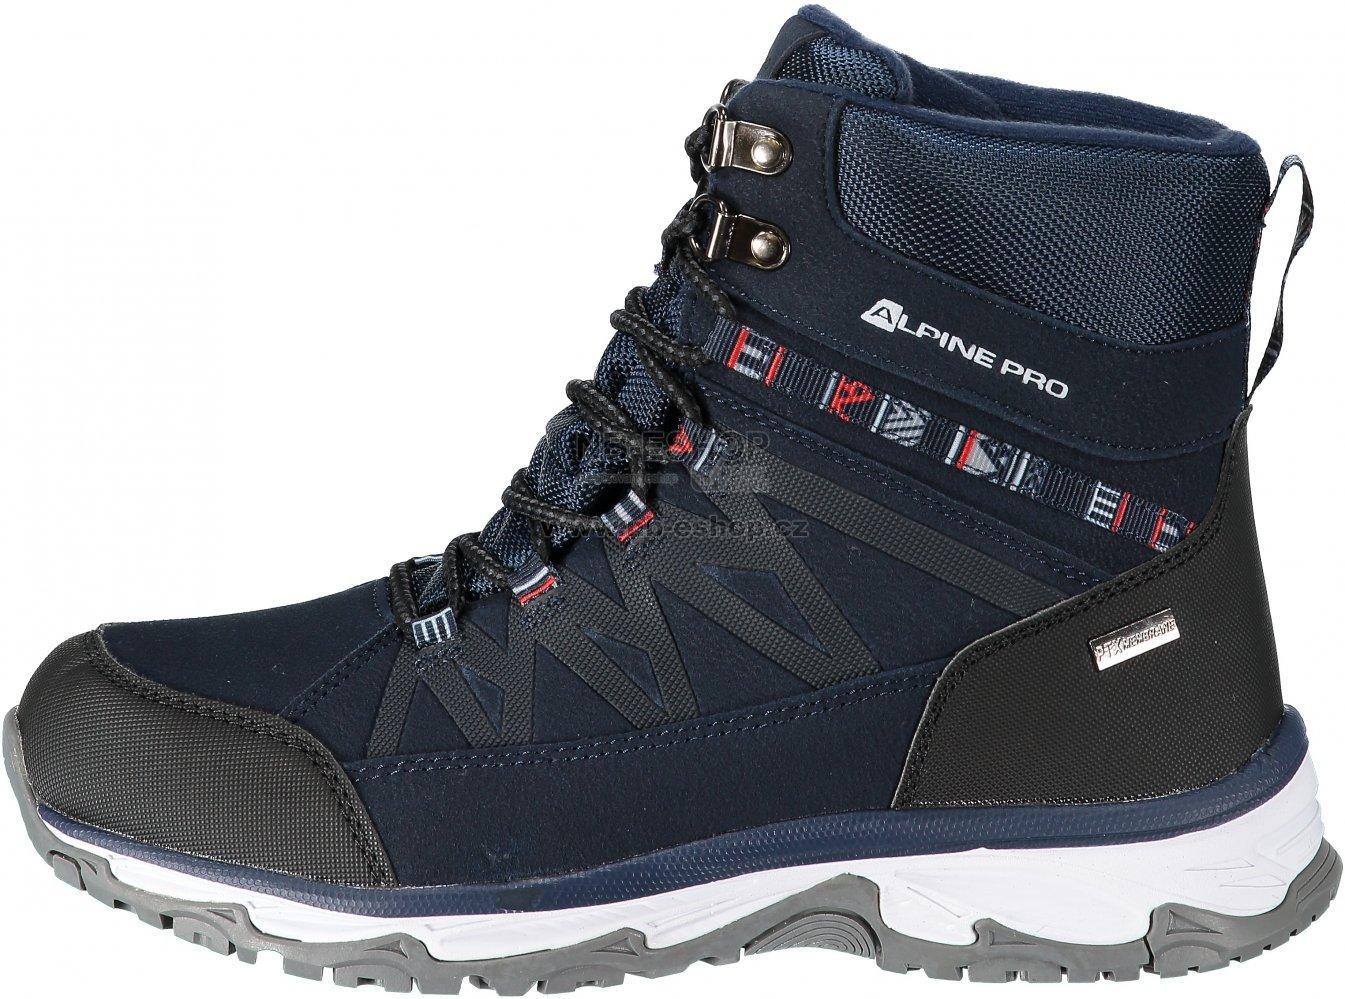 bb73308dca6 Dámská zimní obuv ALPINE PRO CAZA LBTM186 TMAVĚ MODRÁ velikost  EU ...